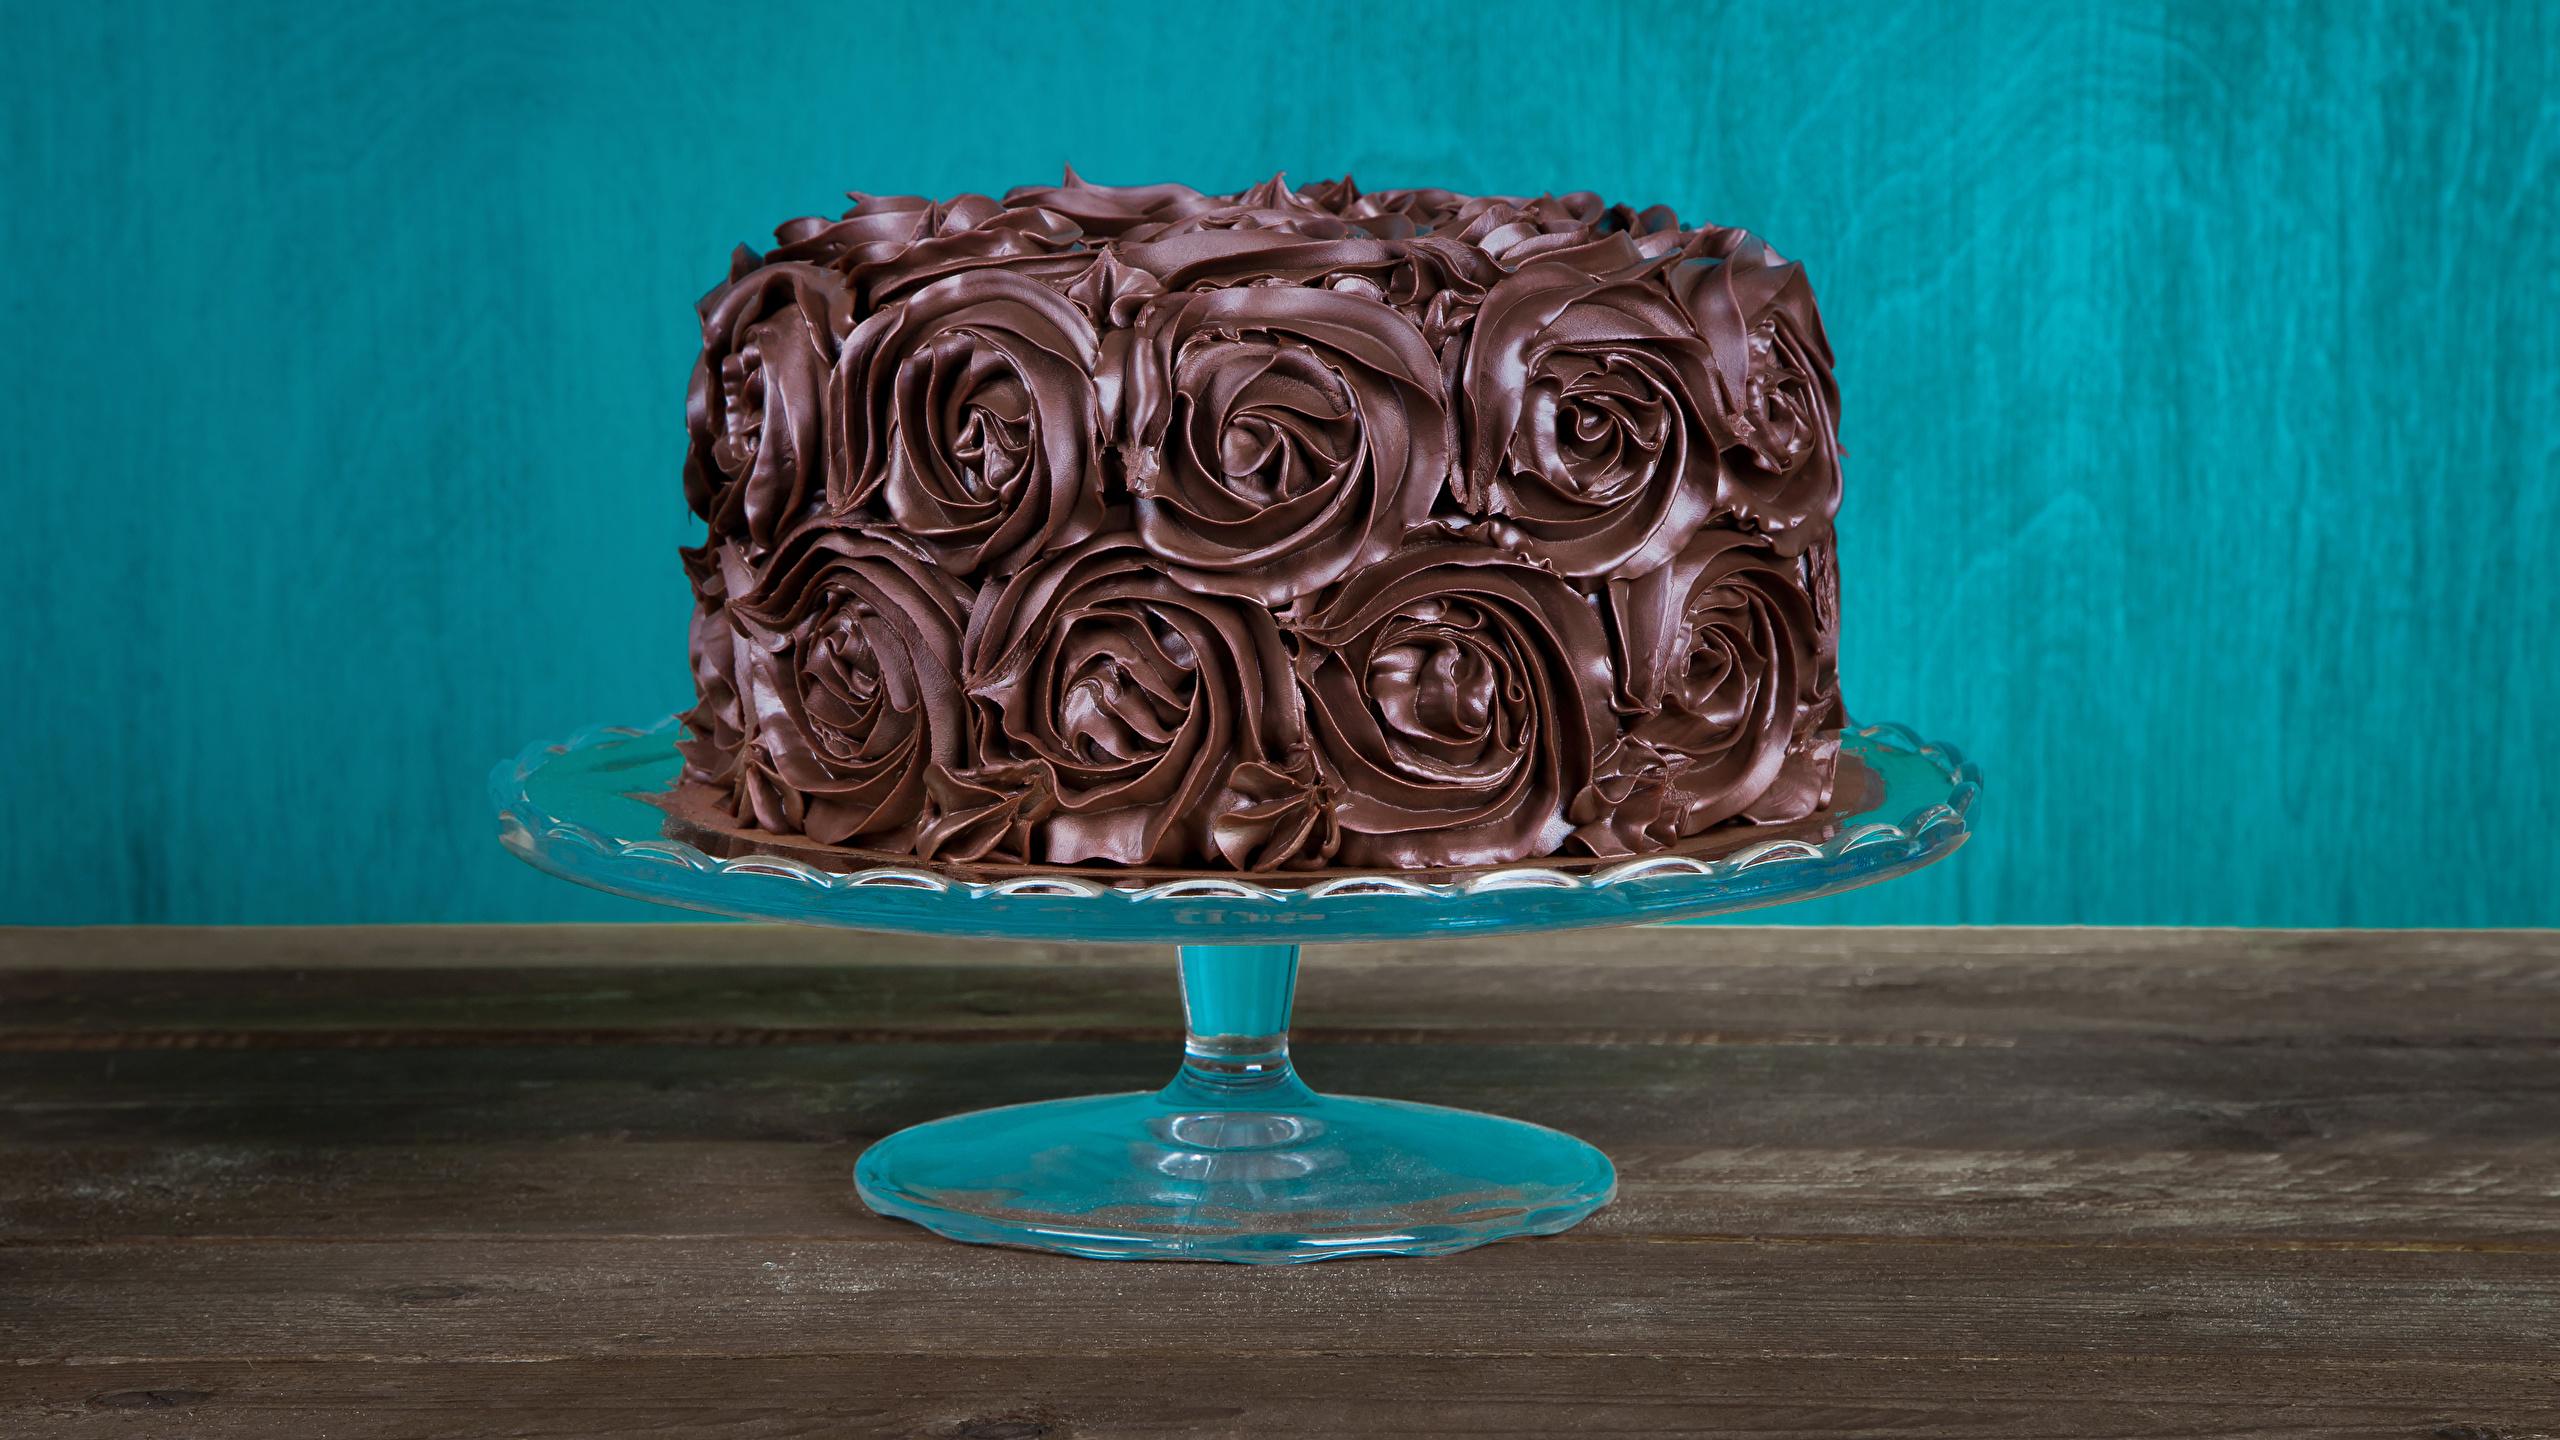 Картинка Шоколад Торты Еда Сладости дизайна 2560x1440 Пища Продукты питания сладкая еда Дизайн